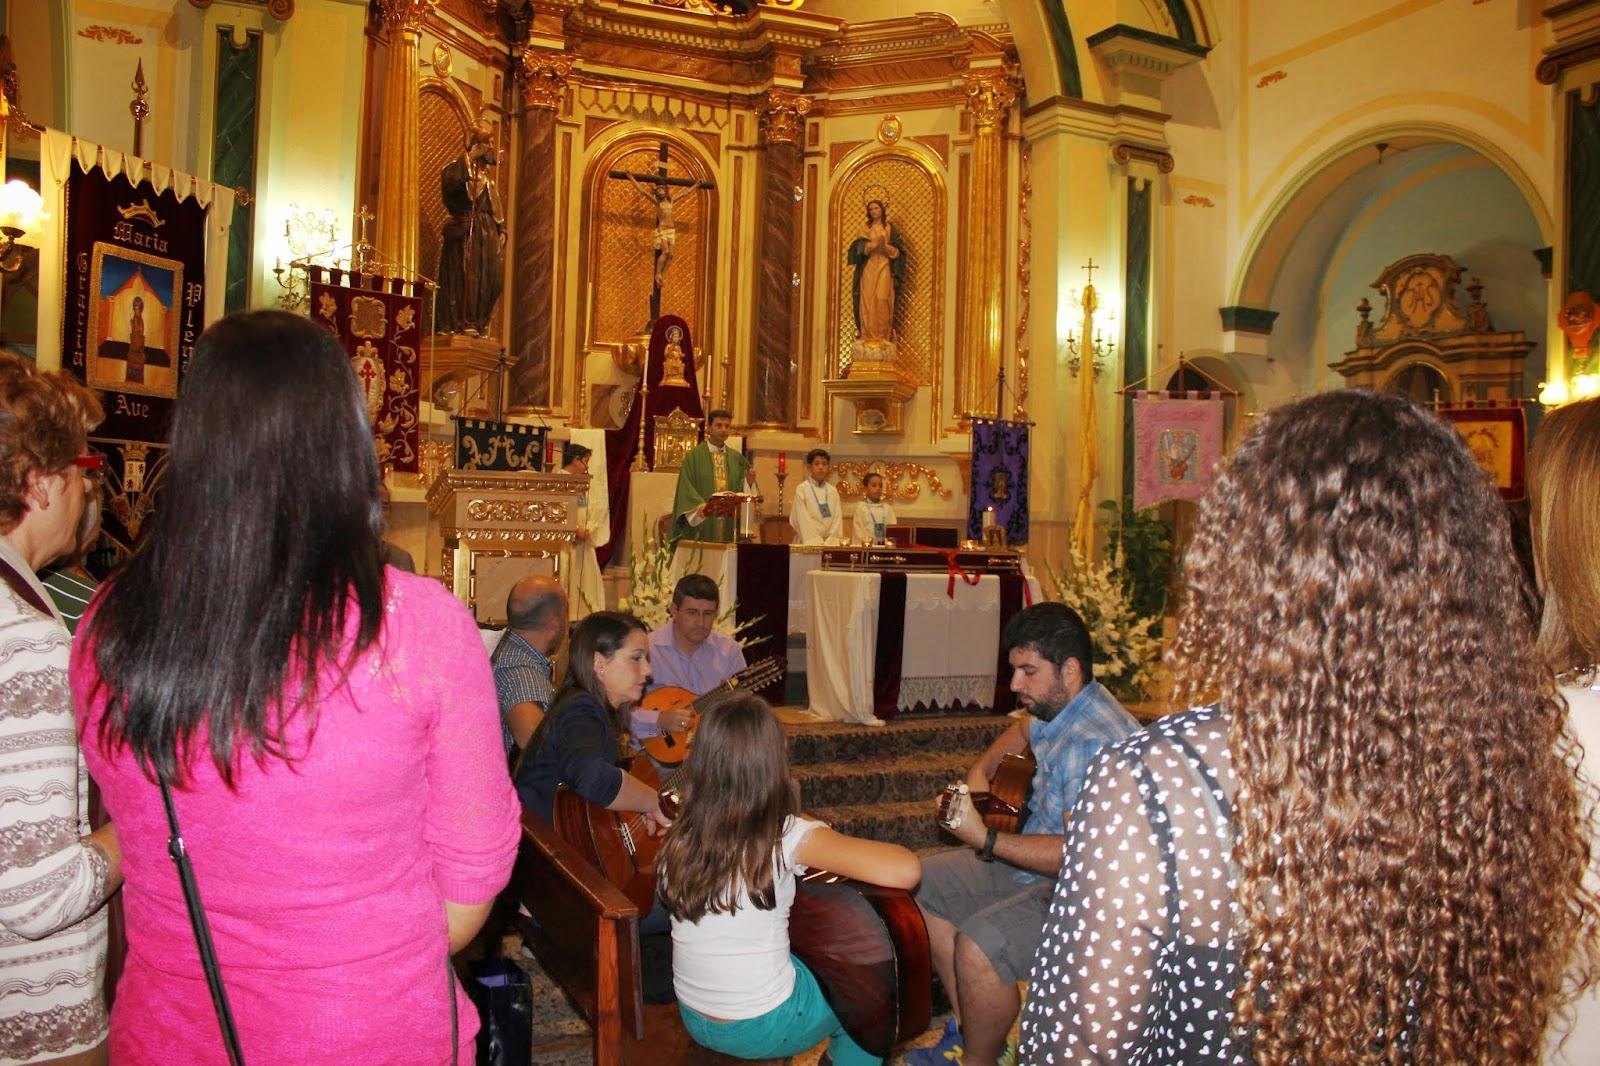 Santa María de la Arrixaca, la Antigua Patrona del Reino de Murcia, España (Ult. Dgo. mayo)